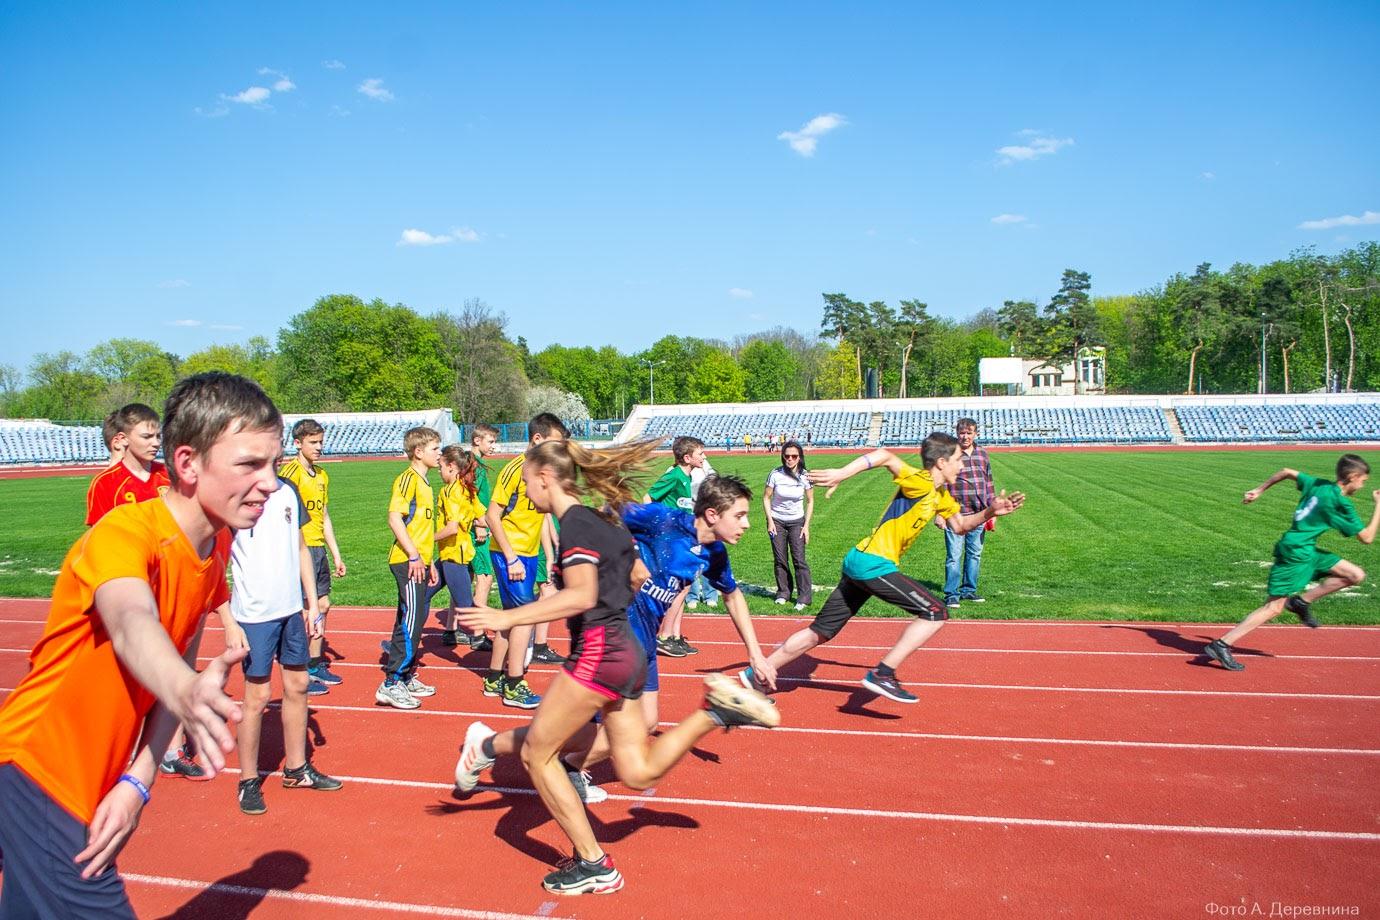 Фотографии. Школьная лига 2019